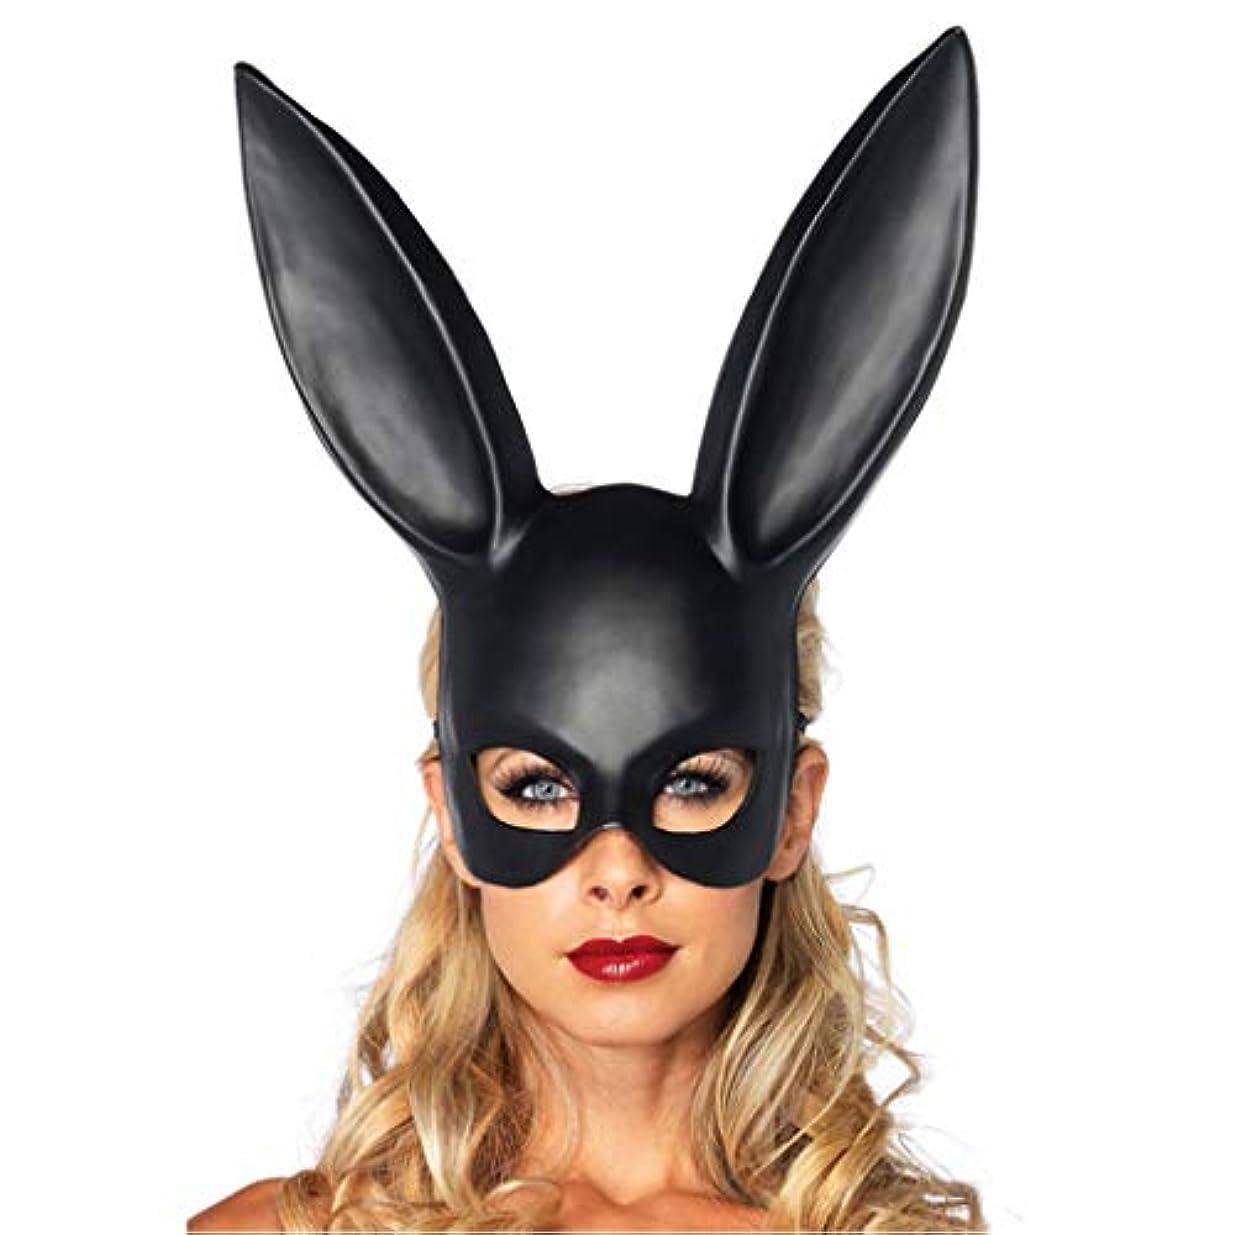 添付廃棄するカメハロウィーン仮装イヤーマスクバーKTVパーティーマスクかわいいウサギのマスク (Color : B)